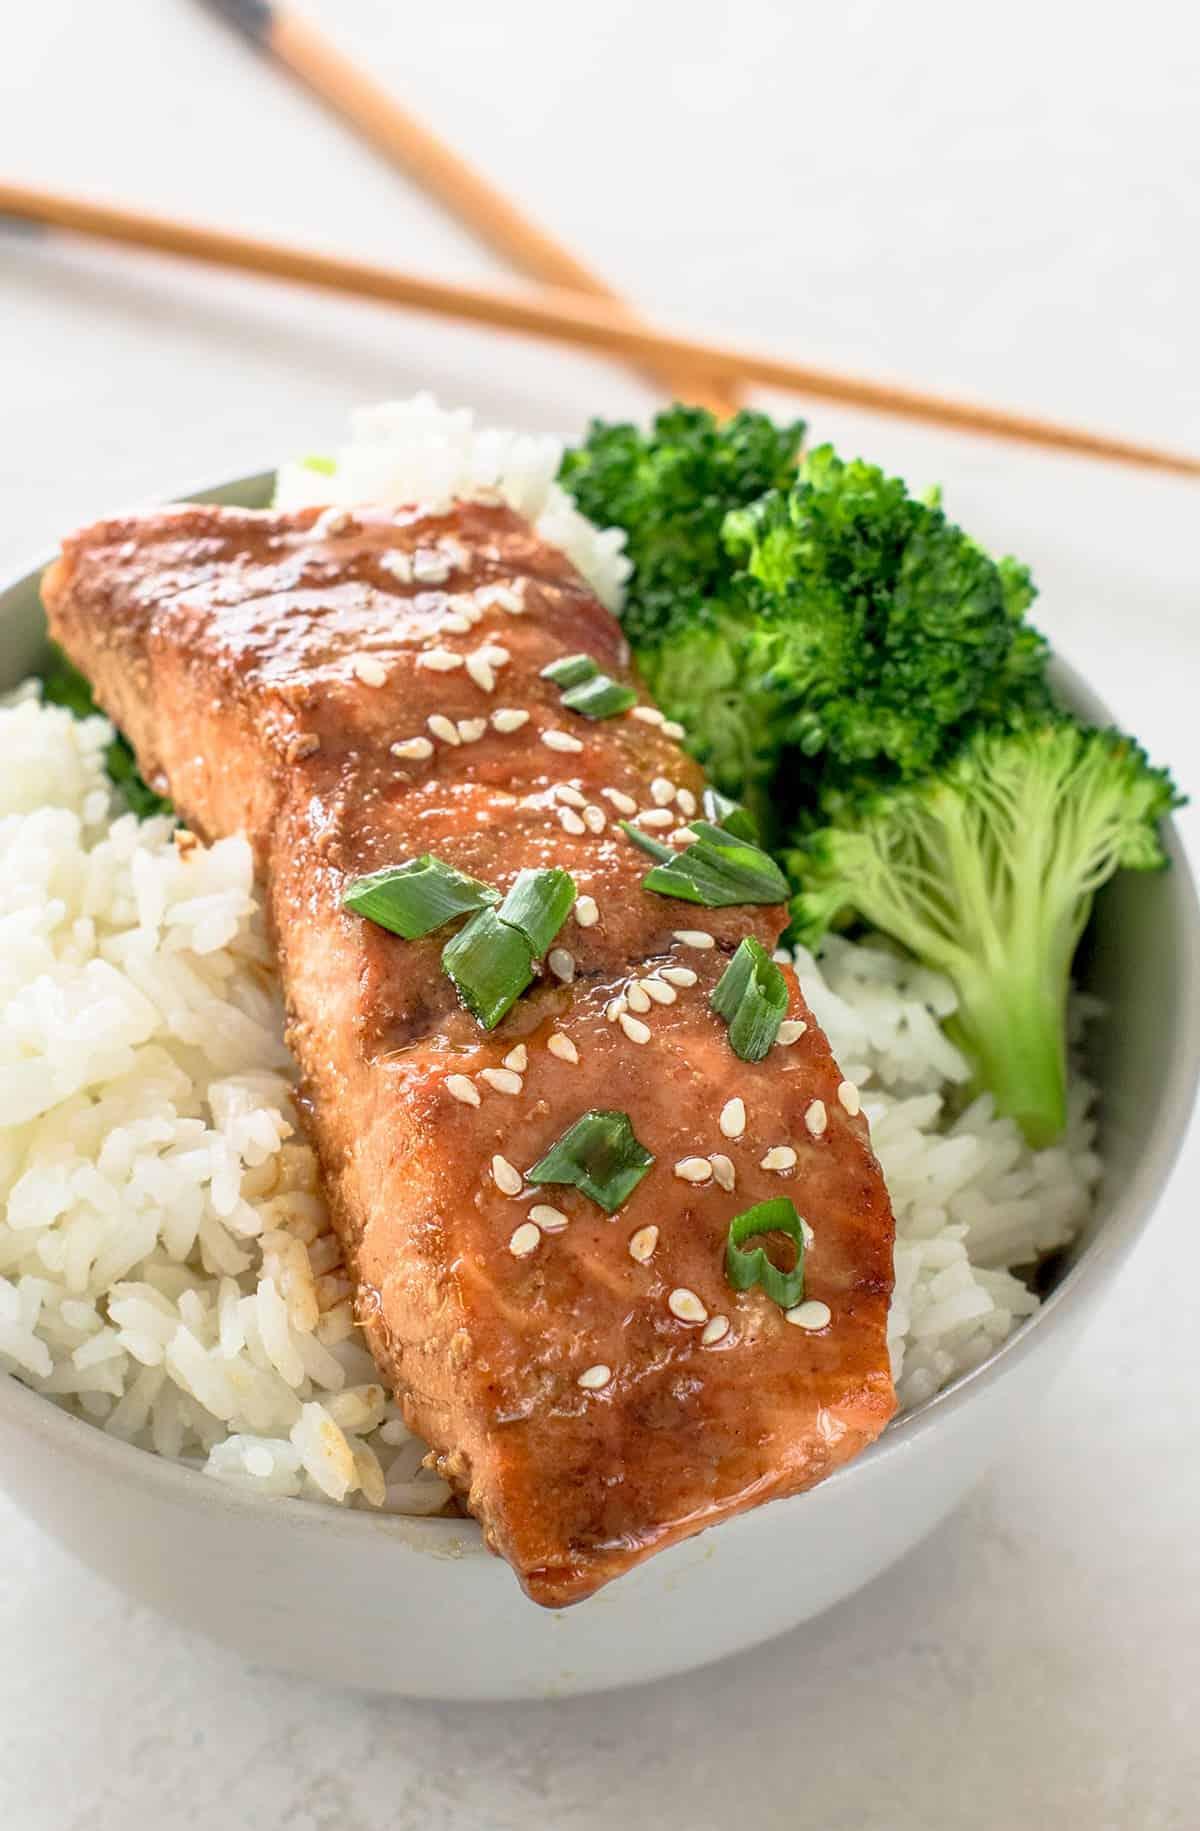 Baked Teriyaki Salmon over a rice bowl with brocc